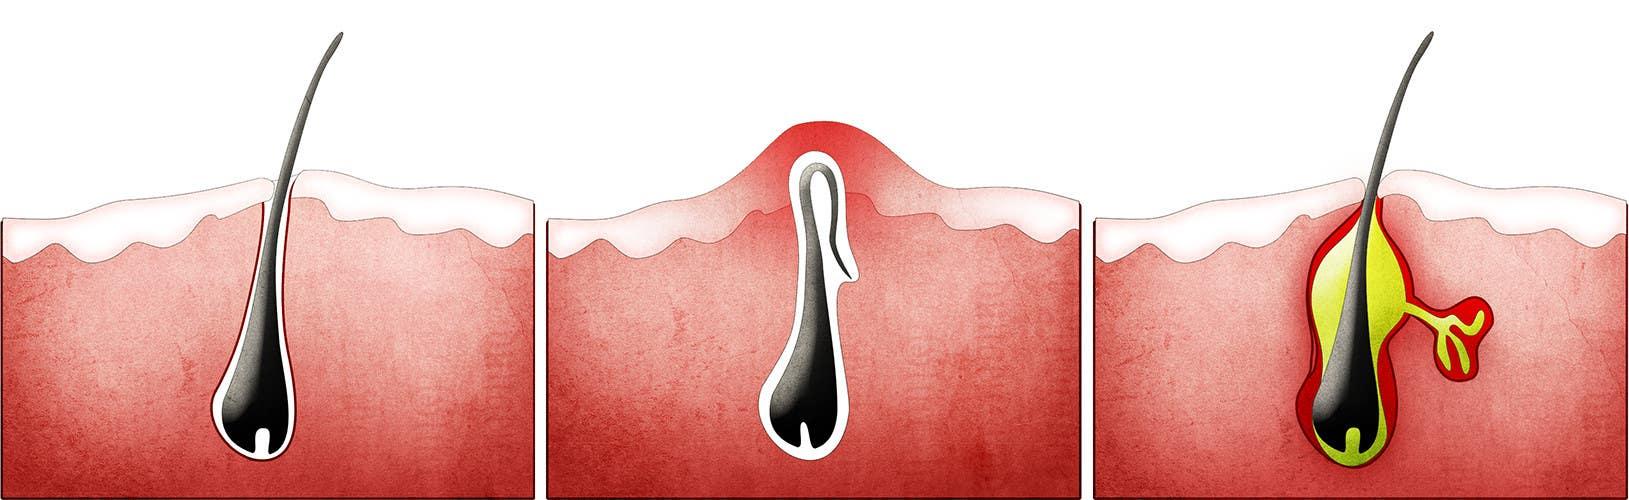 Konkurrenceindlæg #                                        1                                      for                                         Illustration Design for Ingrown Hair